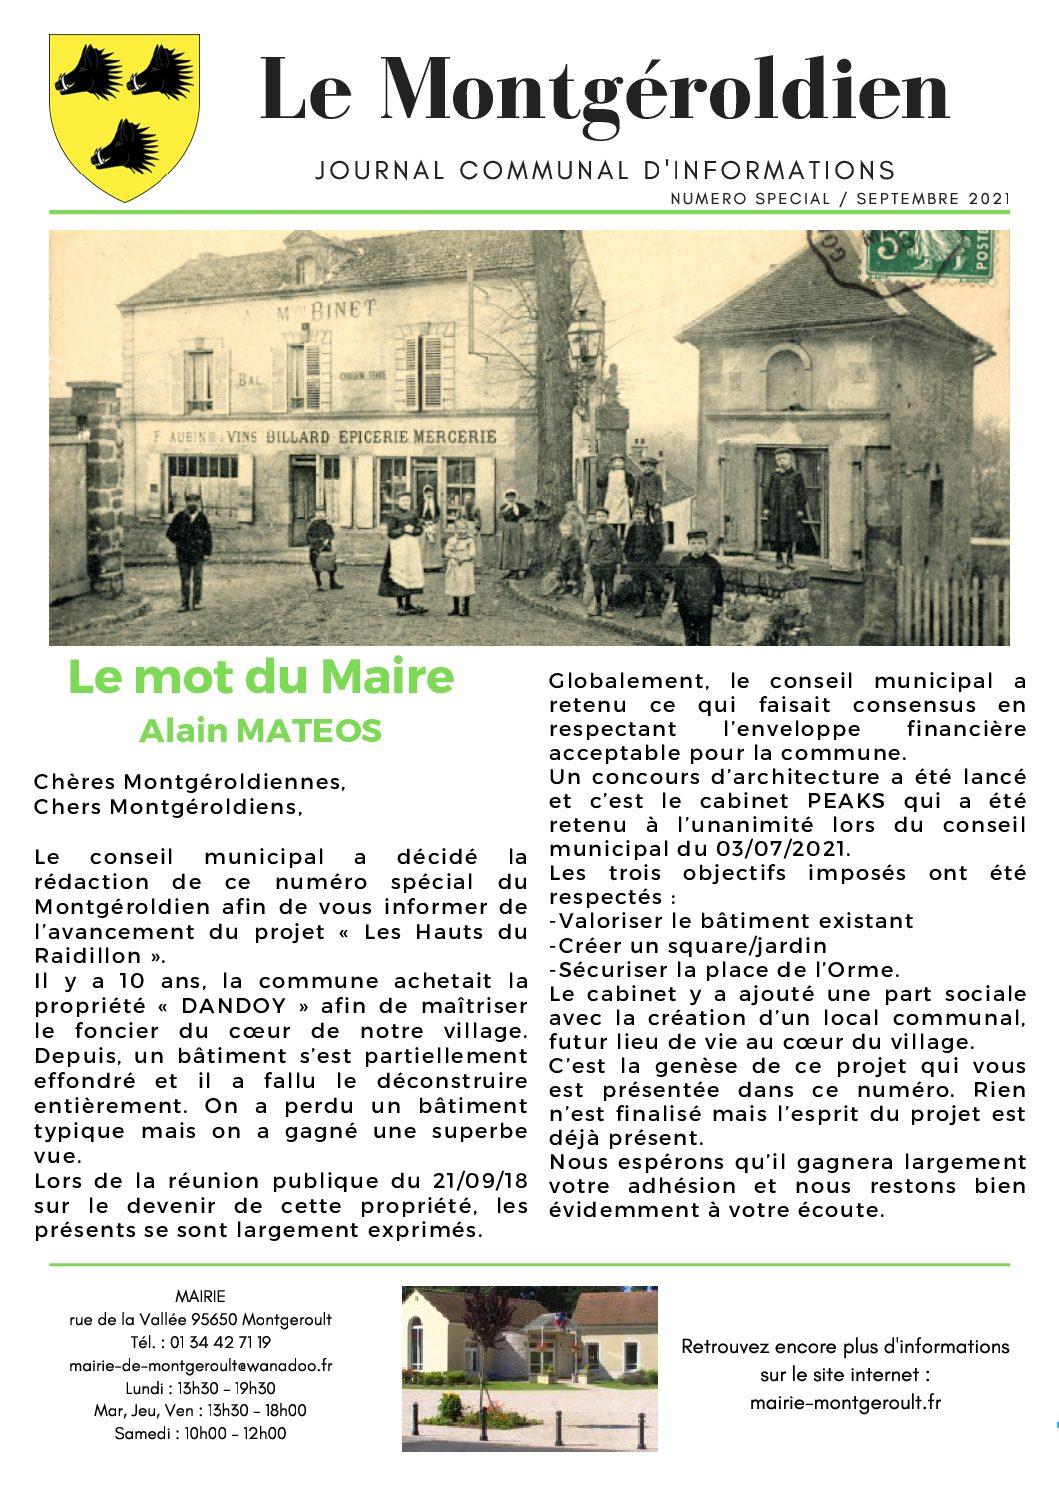 Le Montgéroldien, édition spéciale